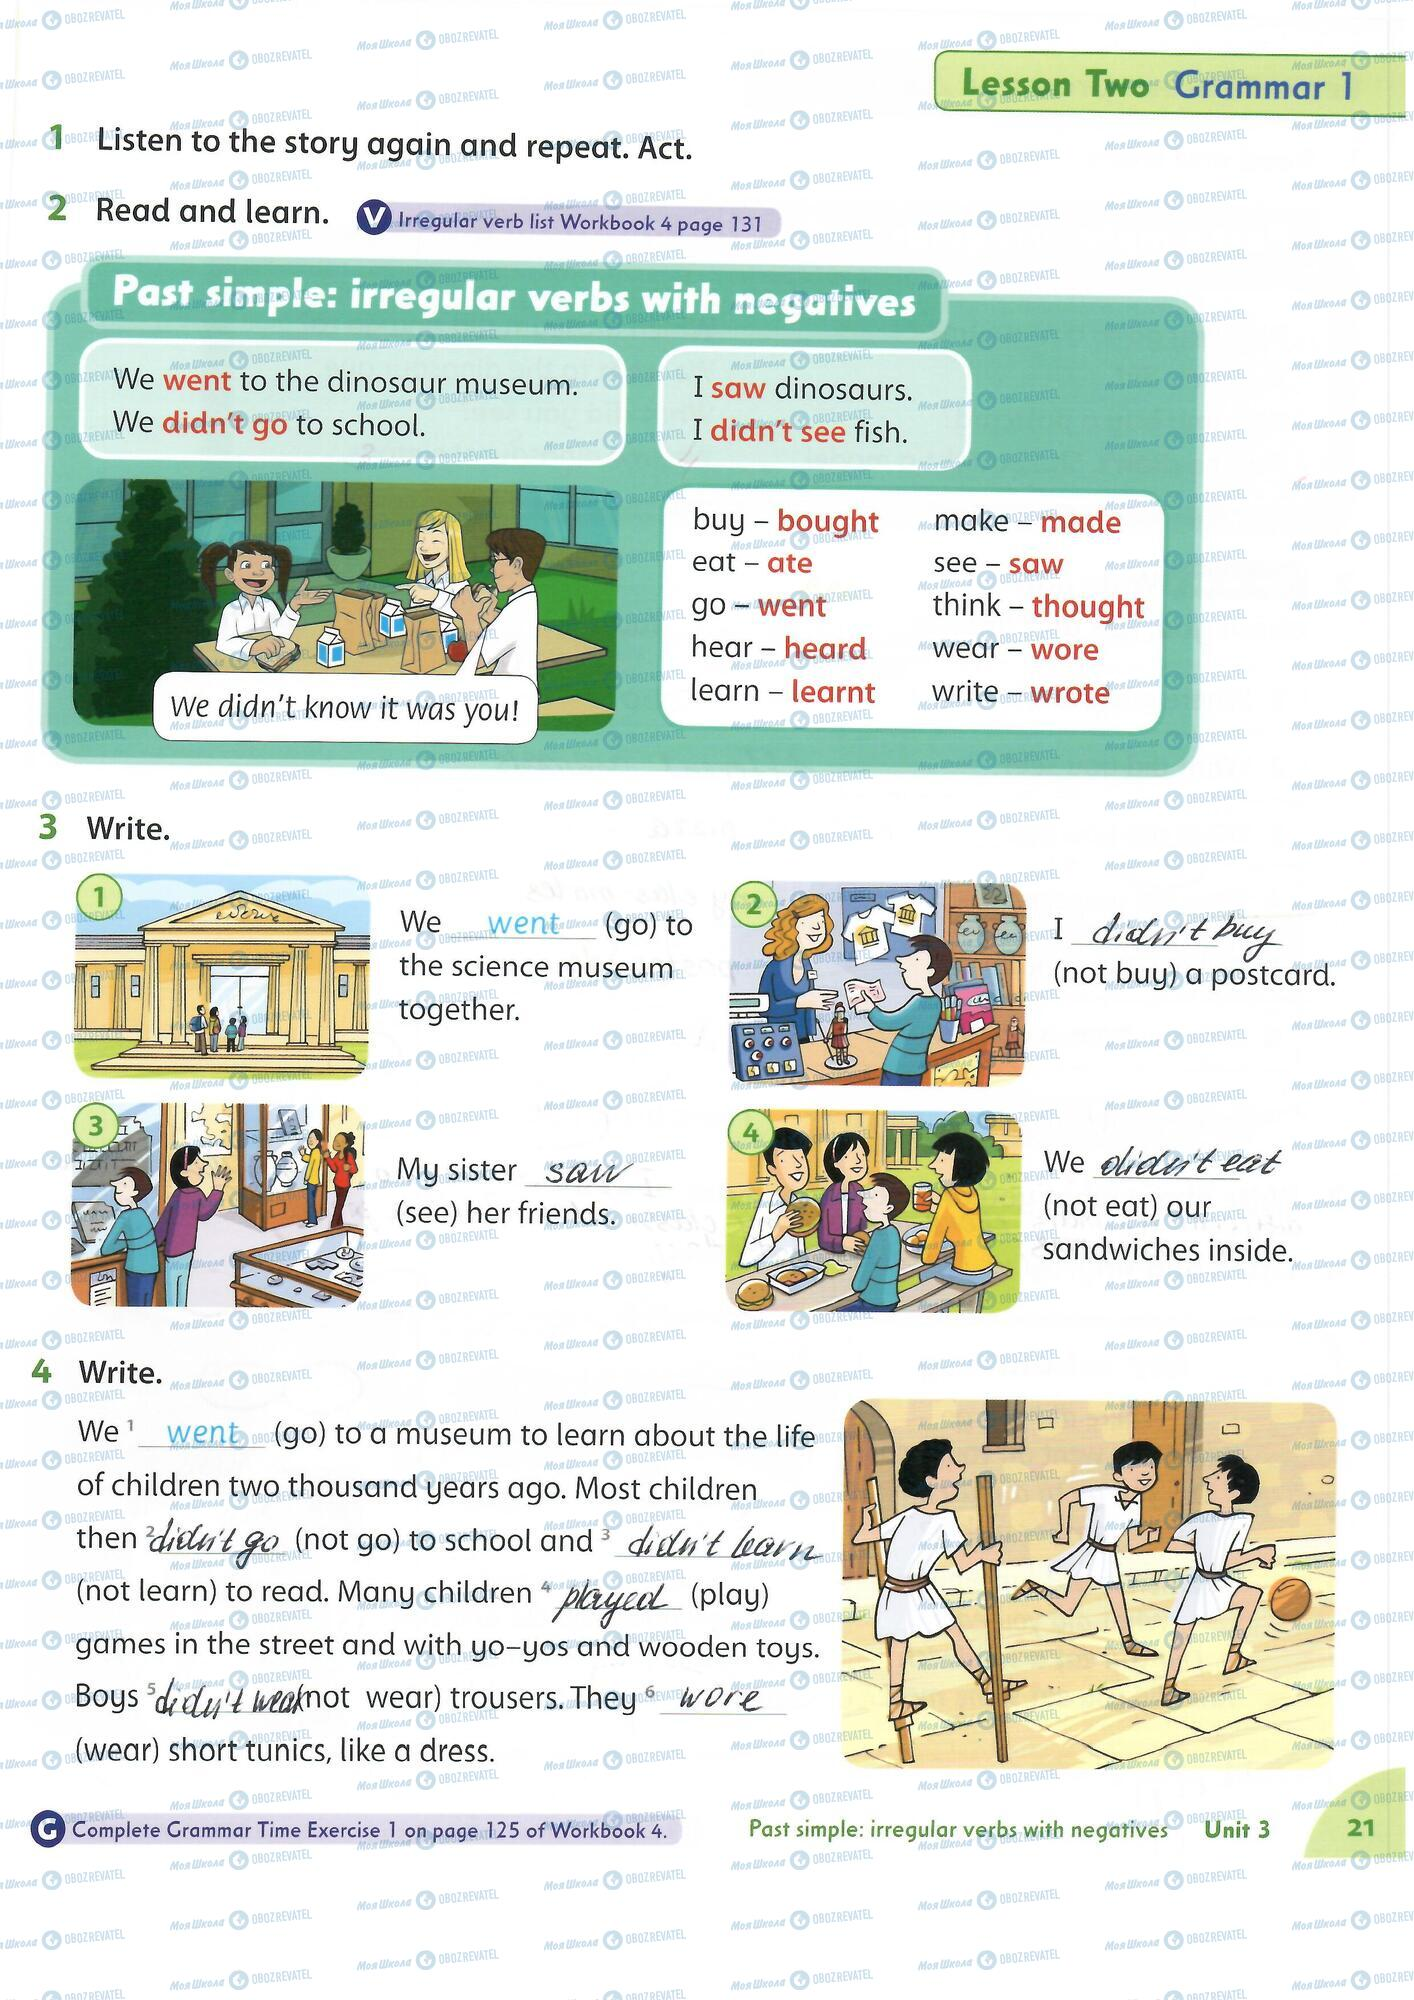 ГДЗ Английский язык 4 класс страница 21